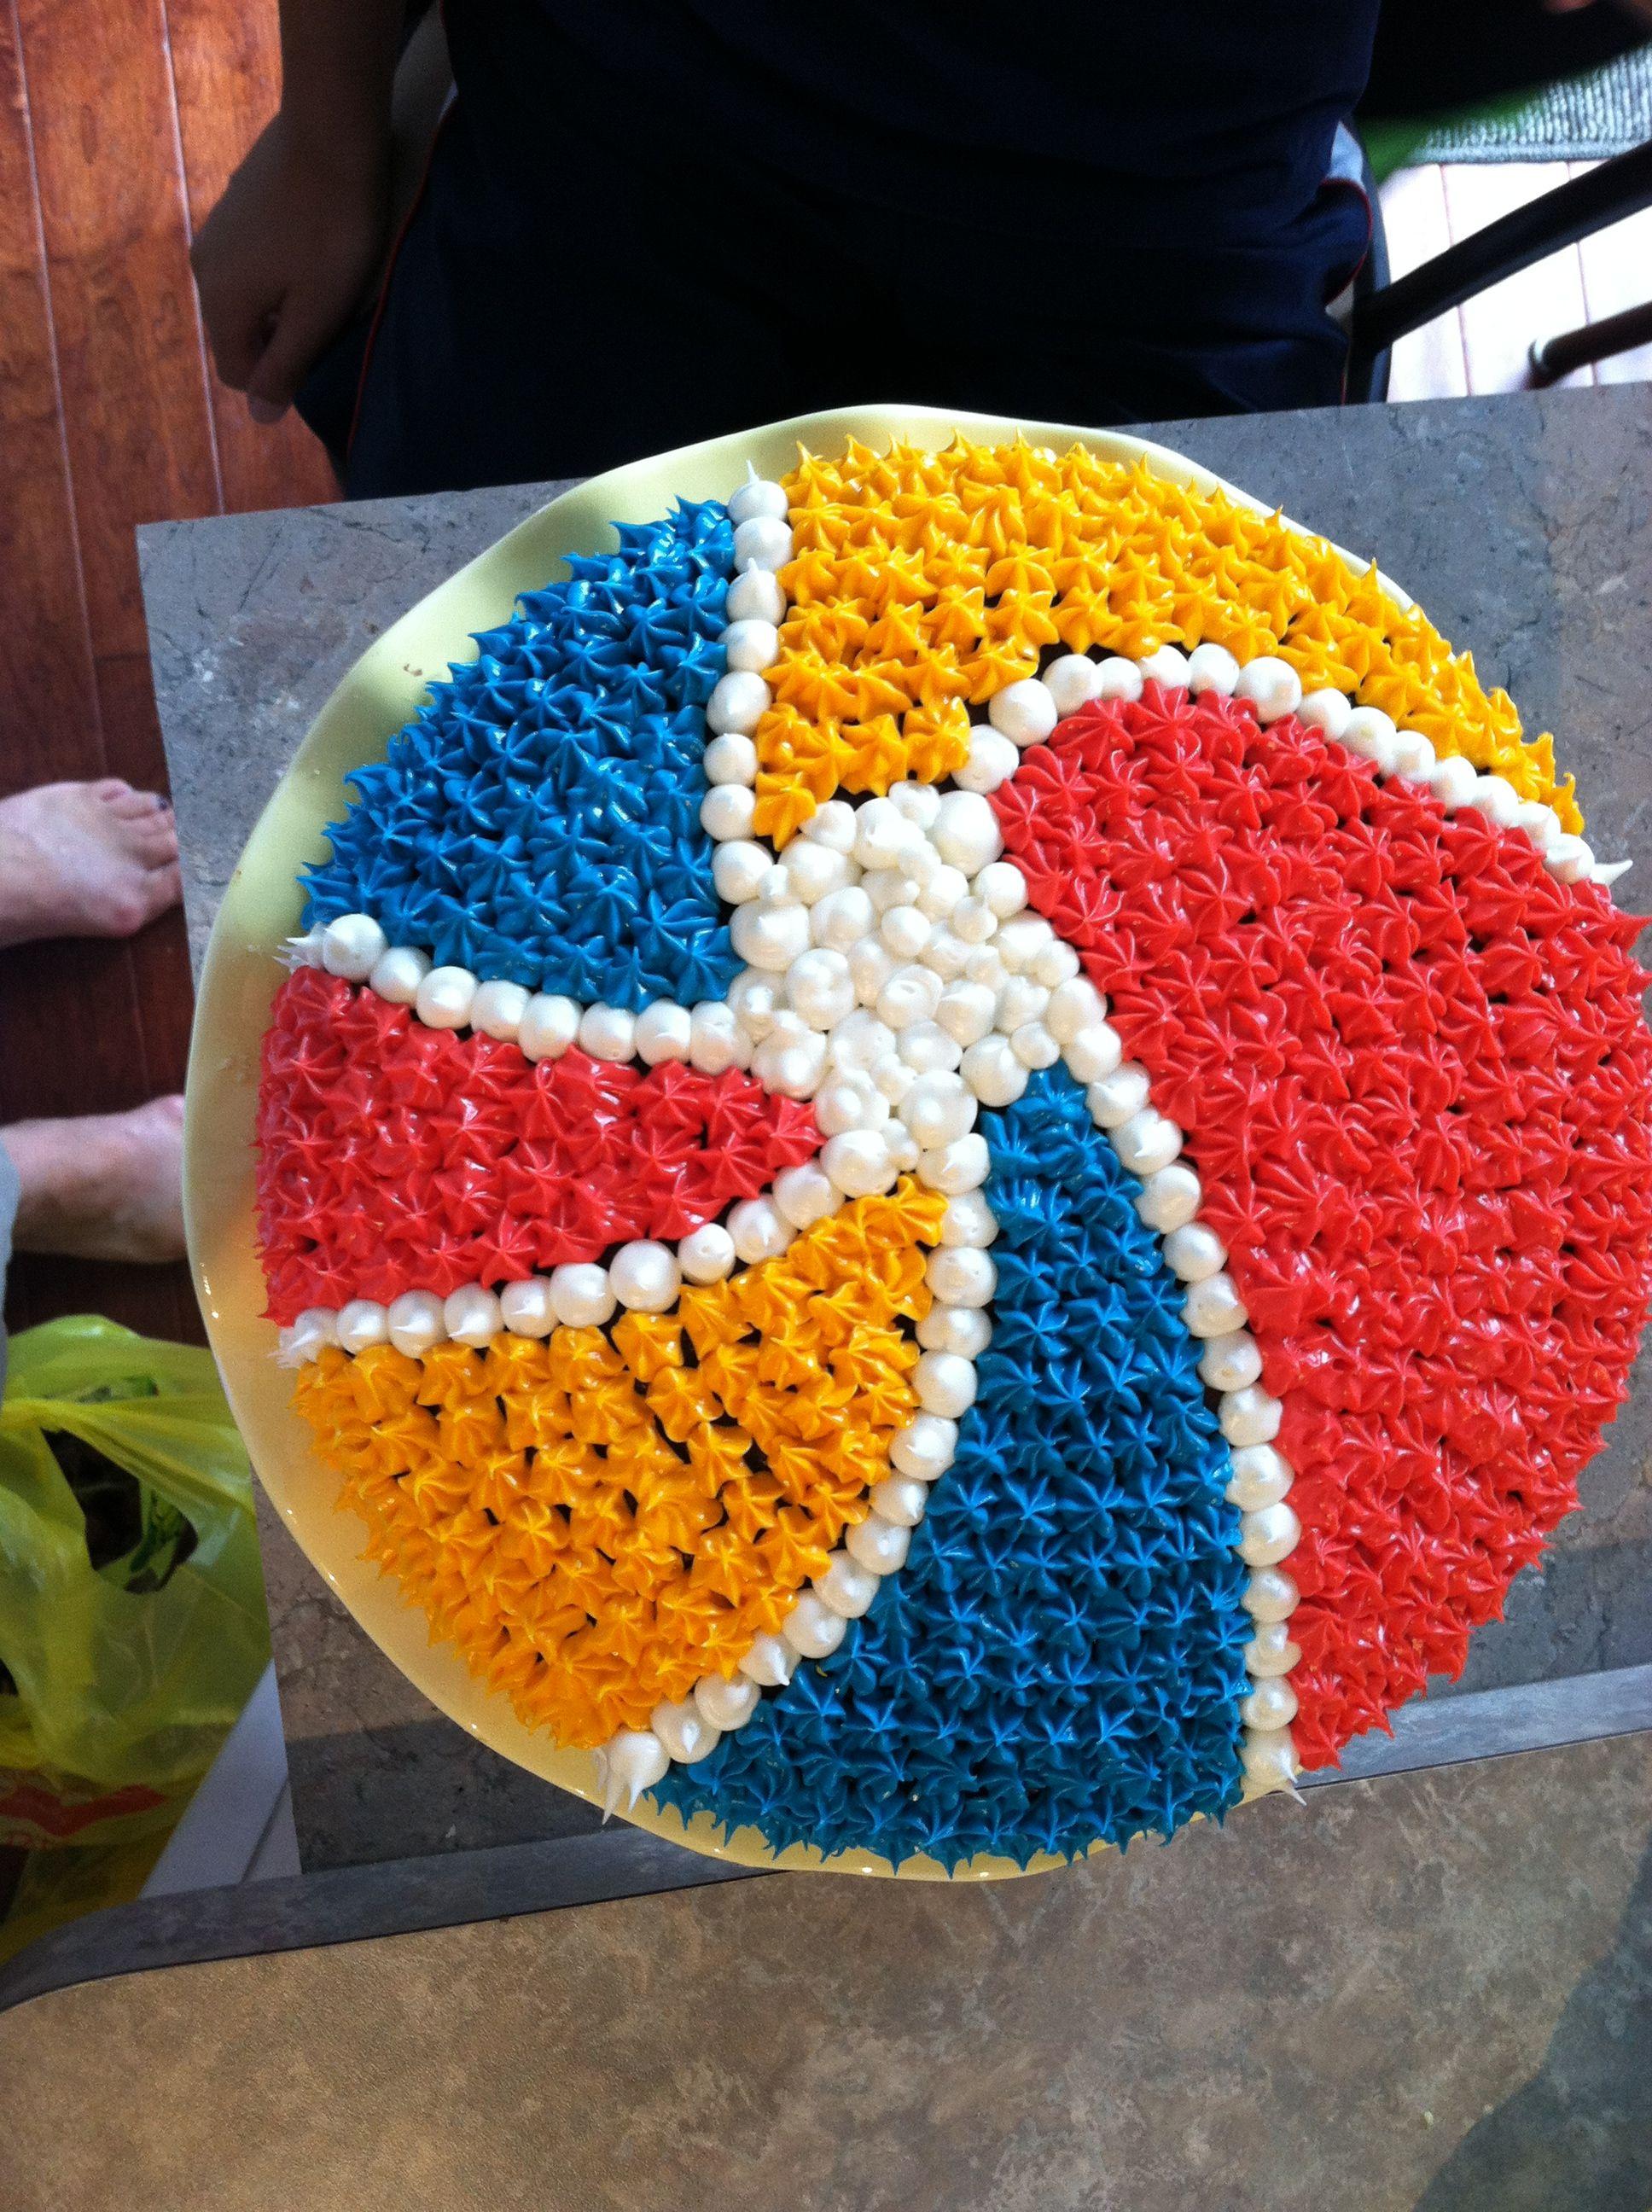 Beach ball birthday cake | My Things | Pinterest